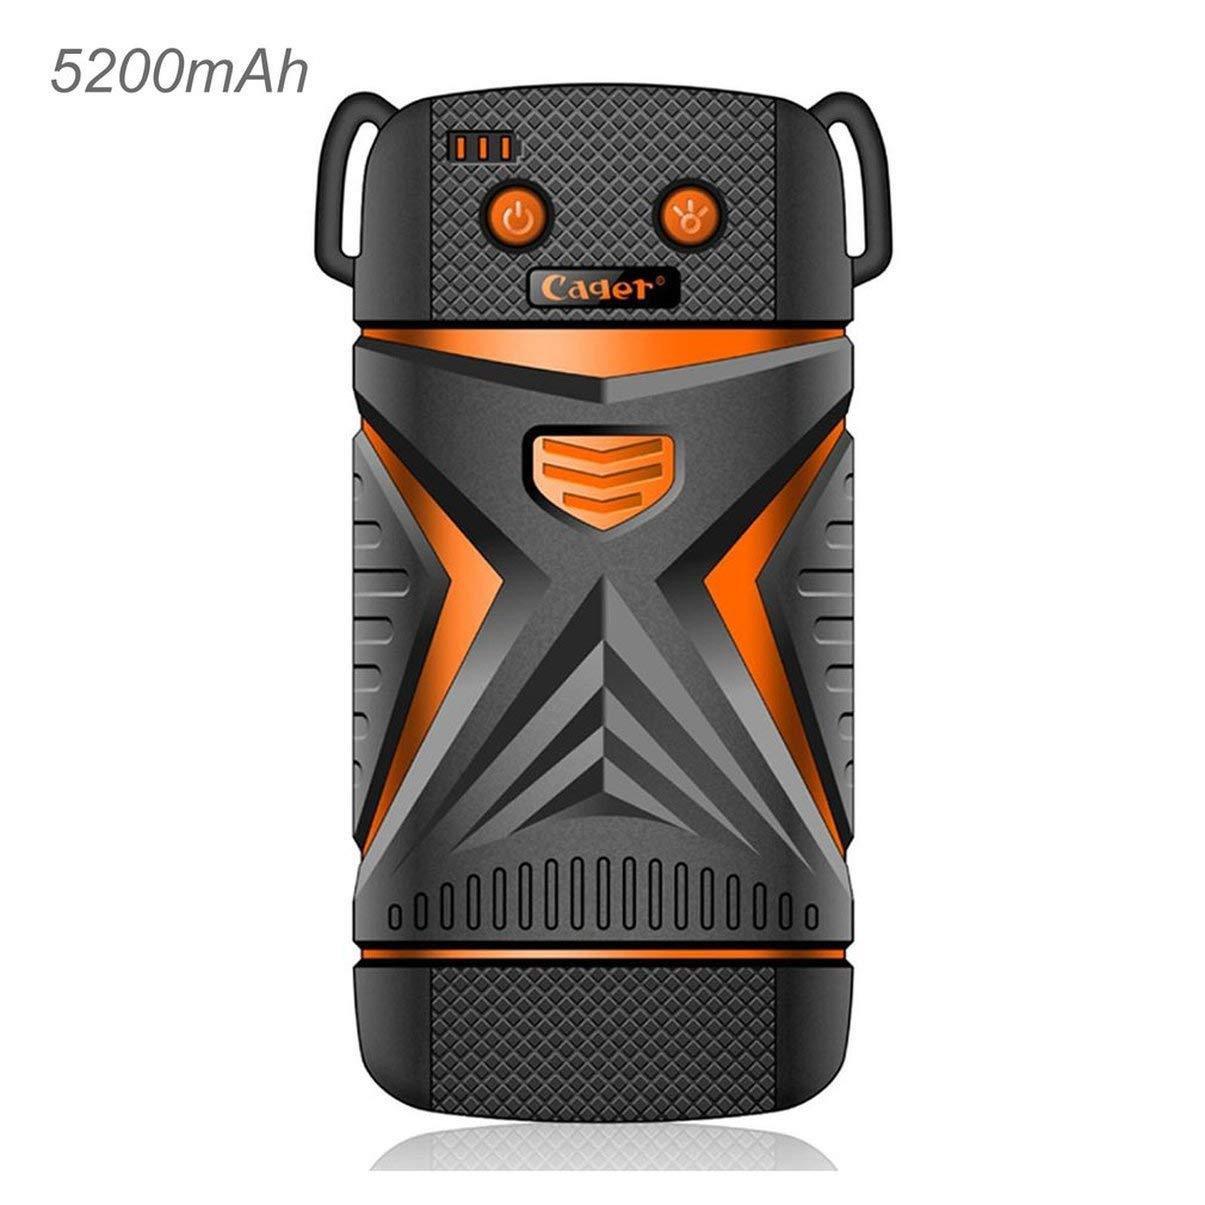 WP11 Portable Power Bank Dustproof IP67 Waterproof Shockproof 5200mAh Capacity JullyCAnnice